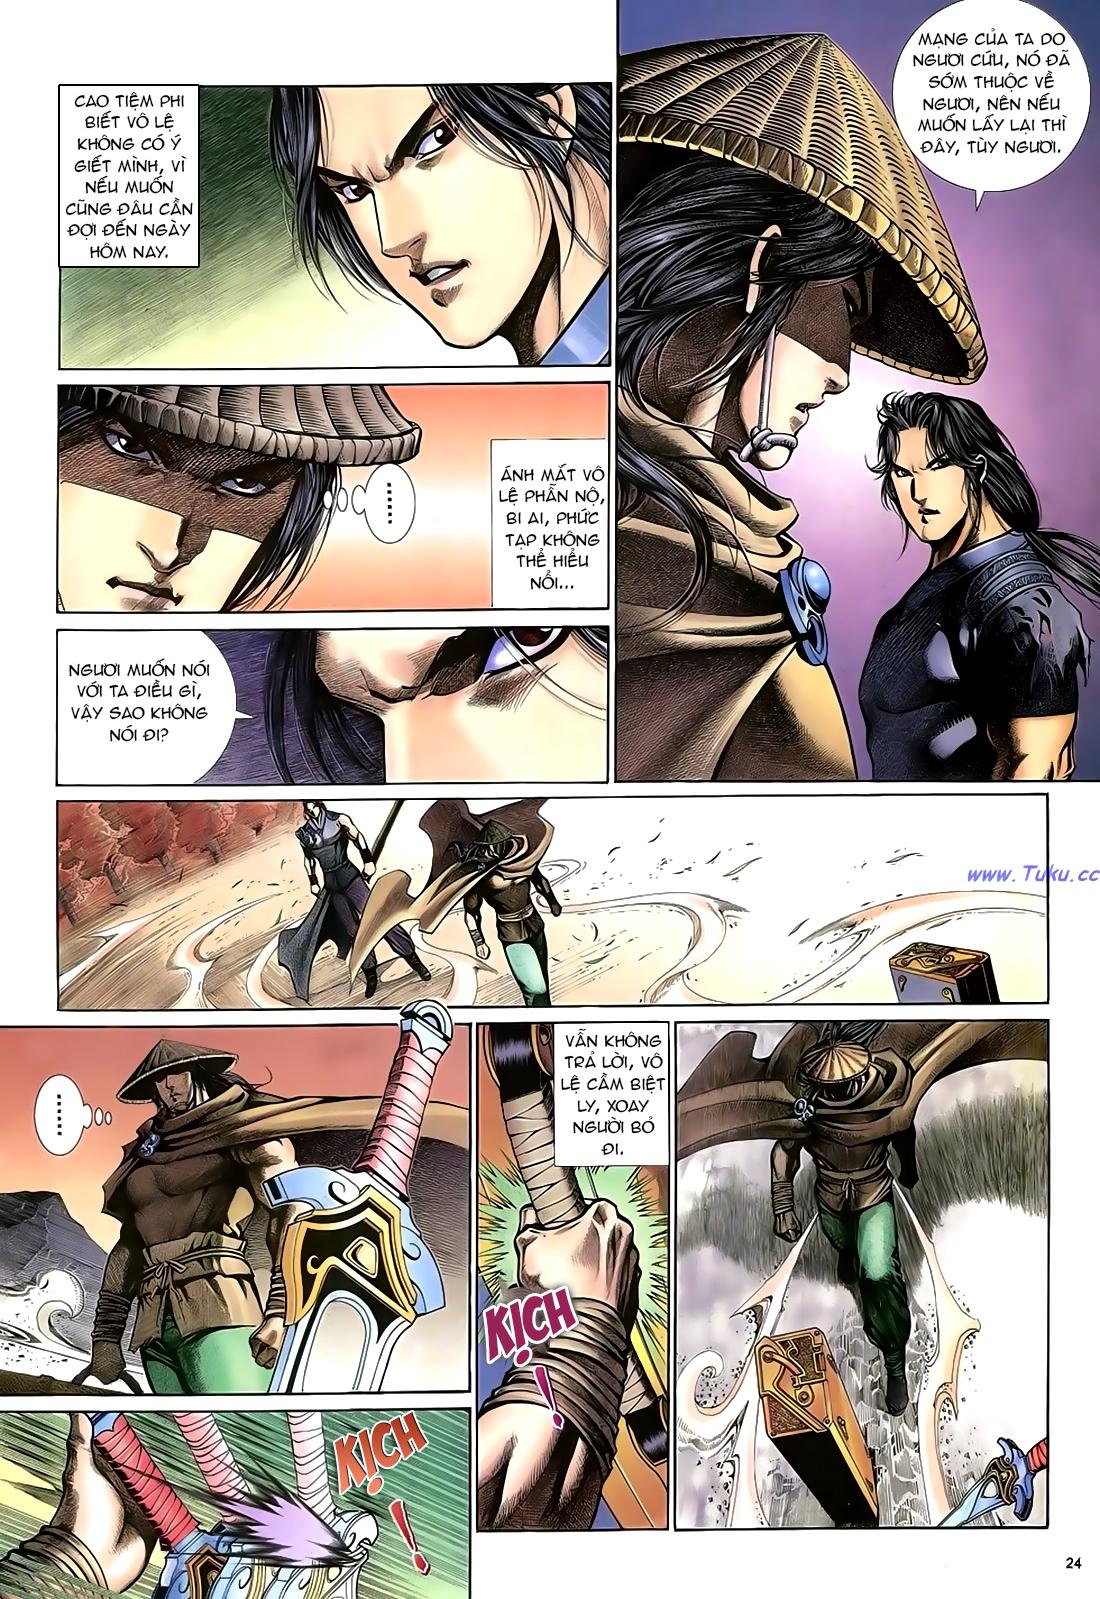 Anh hùng vô lệ Chap 21 trang 25